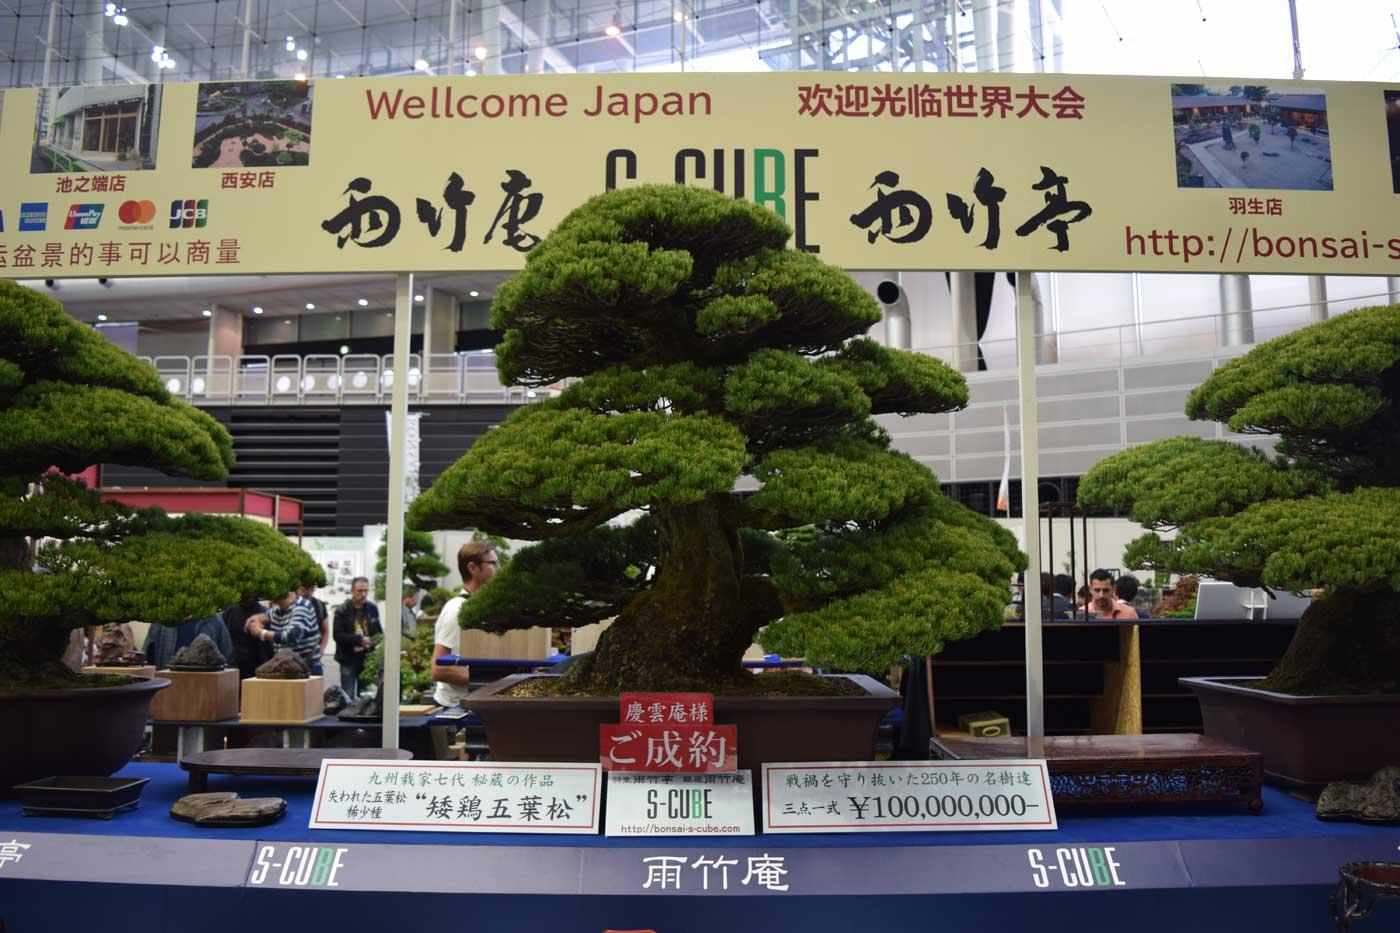 Un bonsai (Pinus thunbergii) battuto per cento milioni di yen. Per quanto mi riguarda, un record...